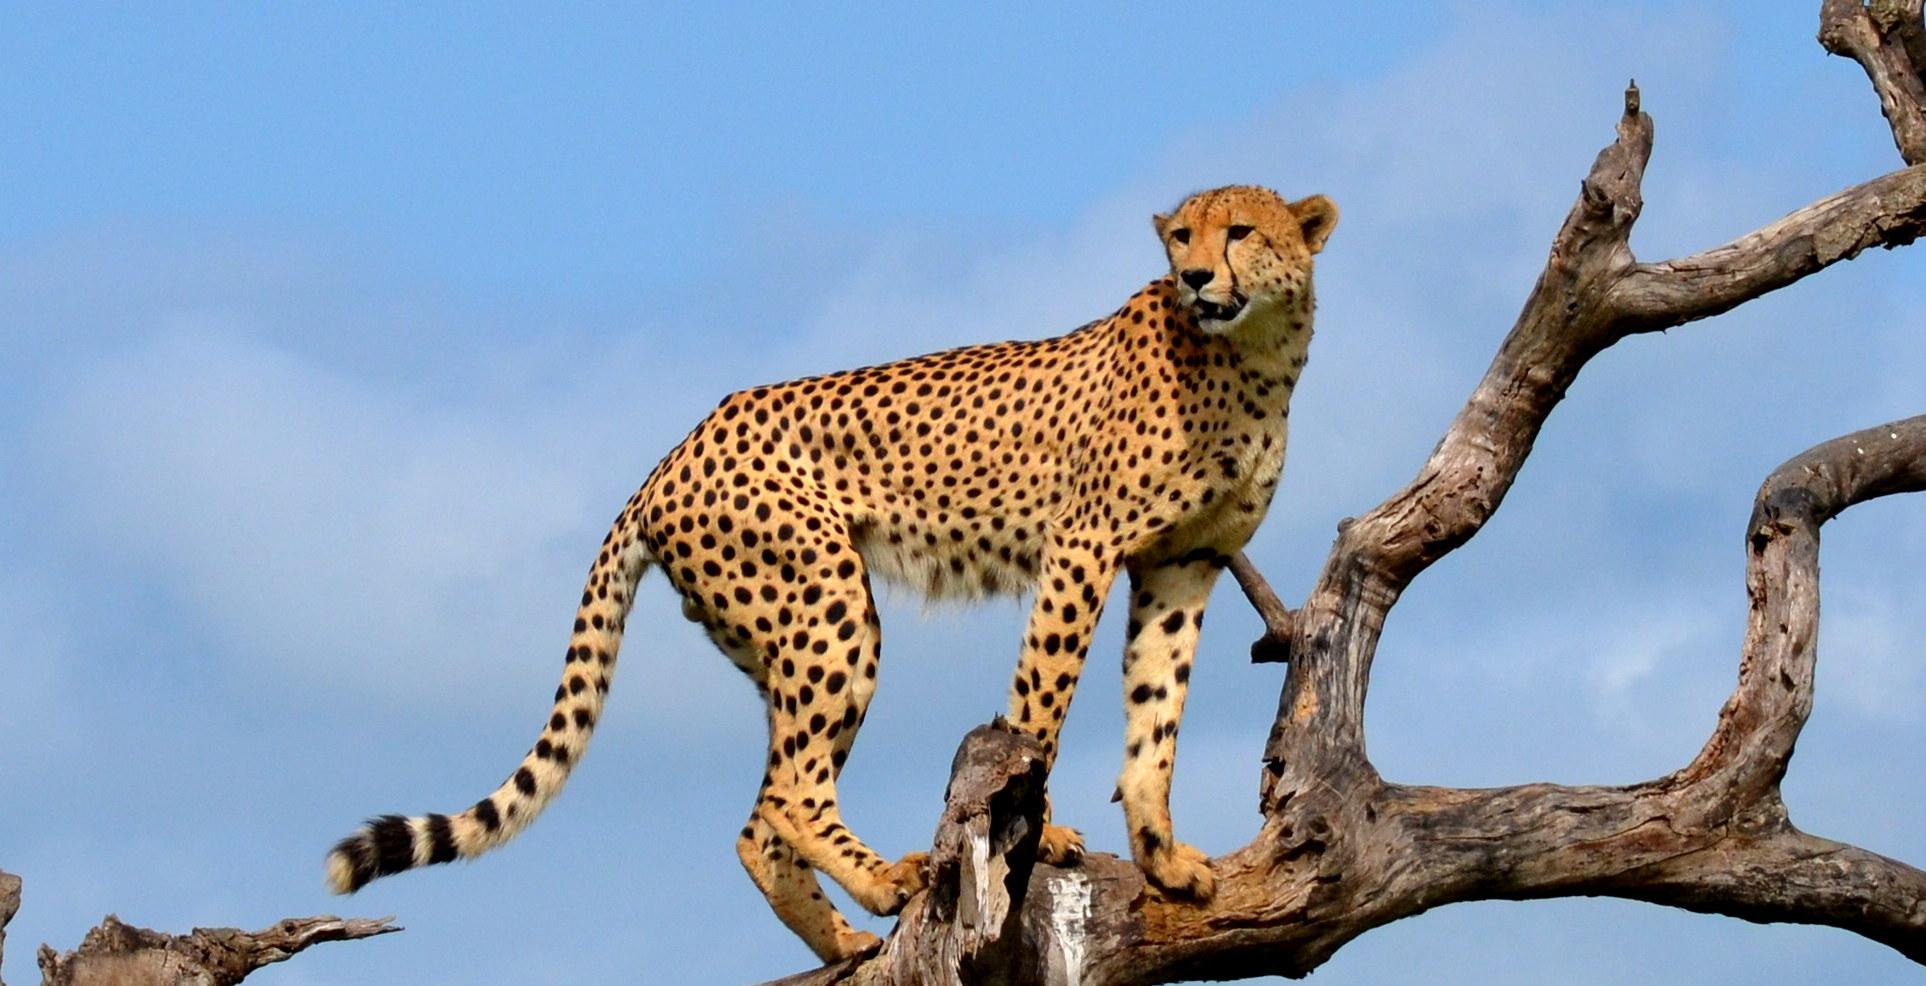 Pat-Cheetah2.jpg